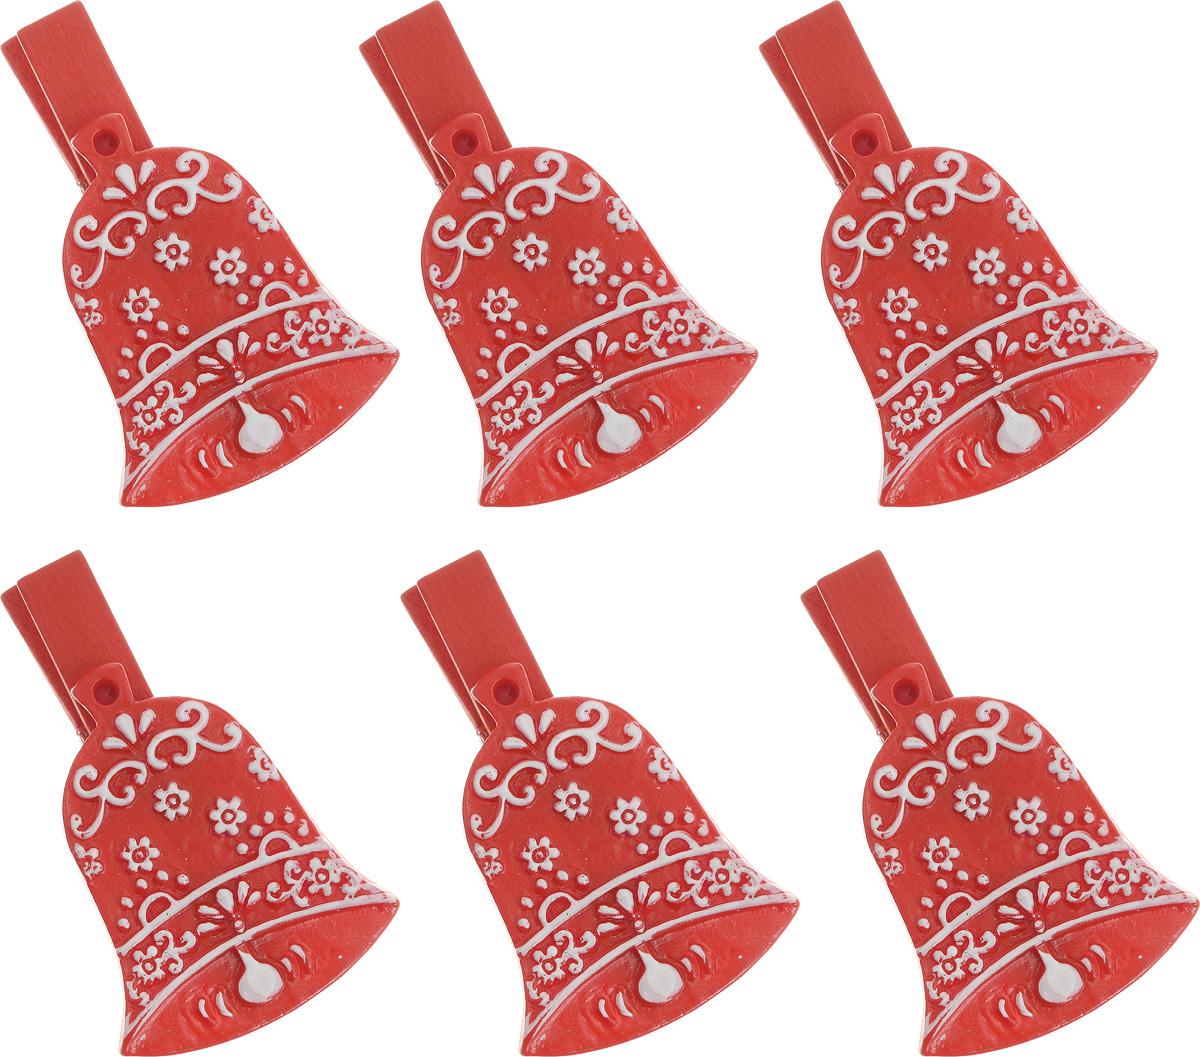 Набор новогодних декоративных украшений Lunten Ranta Колокольчик, на прищепке, цвет: красный, 6 шт67649_колокольчик красныйНабор Lunten Ranta Колокольчик состоит из 6 декоративных украшений - прищепок, изготовленных из полирезины и дерева. Изделия станут прекрасным дополнением к оформлению вашего новогоднего интерьера. Они используются для развешивания стикеров на веревке, маленьких игрушек и многого другого. Оригинальность и веселые цвета прищепок будут радовать глаз и поднимут настроение. Длина прищепки: 4,5 см. Размер декоративной части прищепки: 3,5 х 3 см.